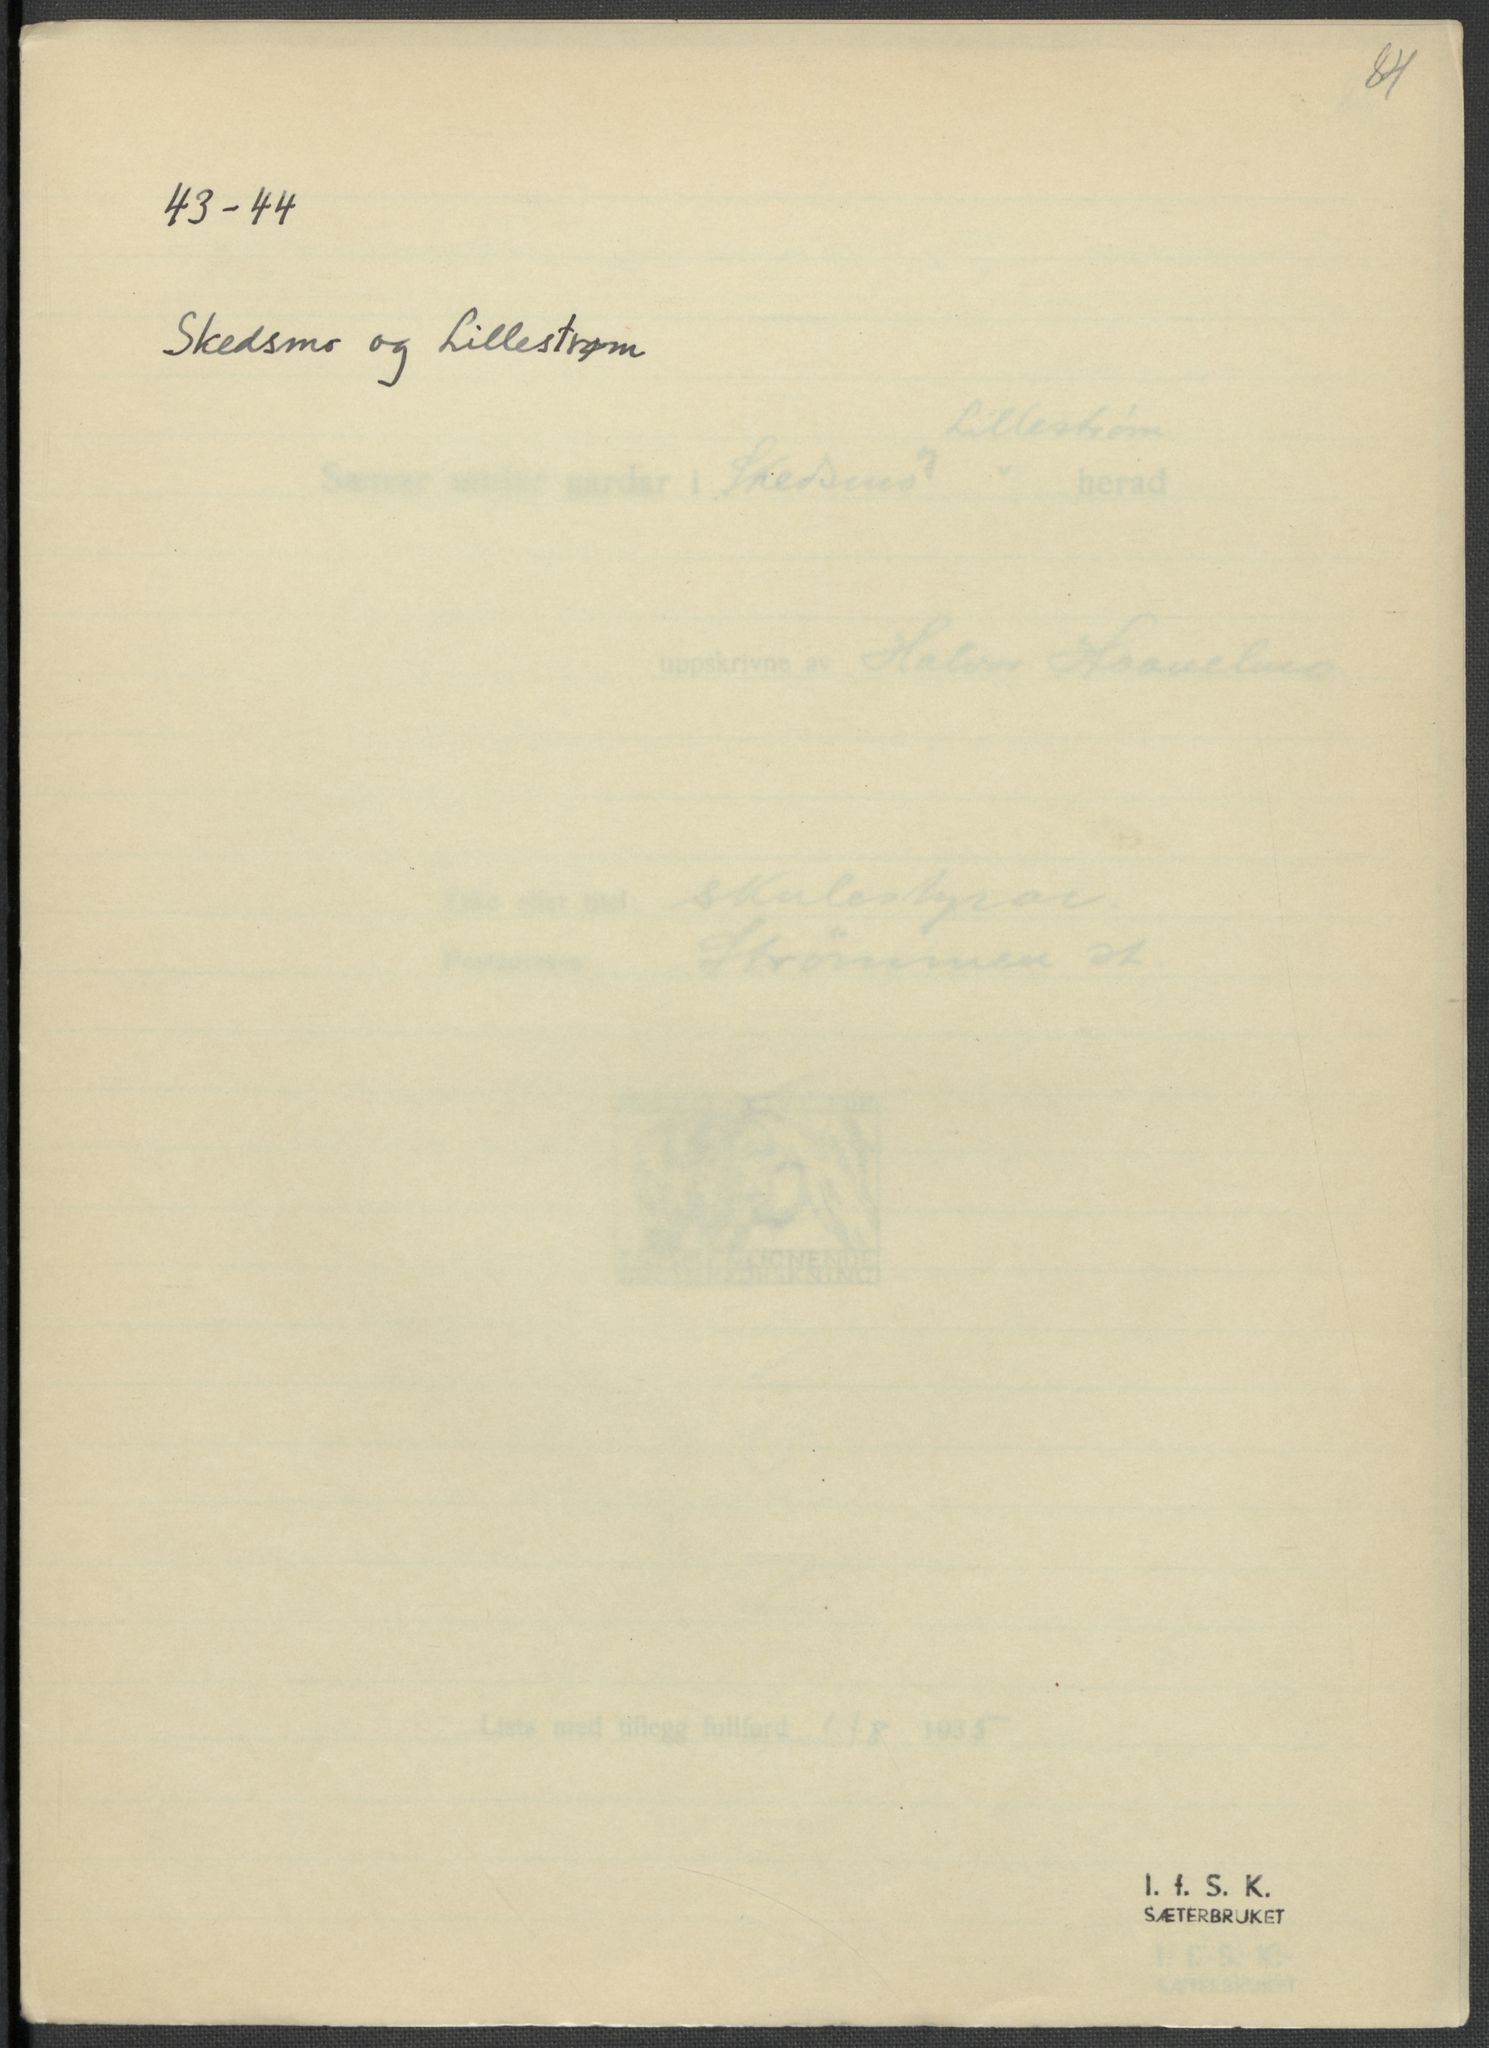 RA, Instituttet for sammenlignende kulturforskning, F/Fc/L0002: Eske B2:, 1932-1936, s. 84